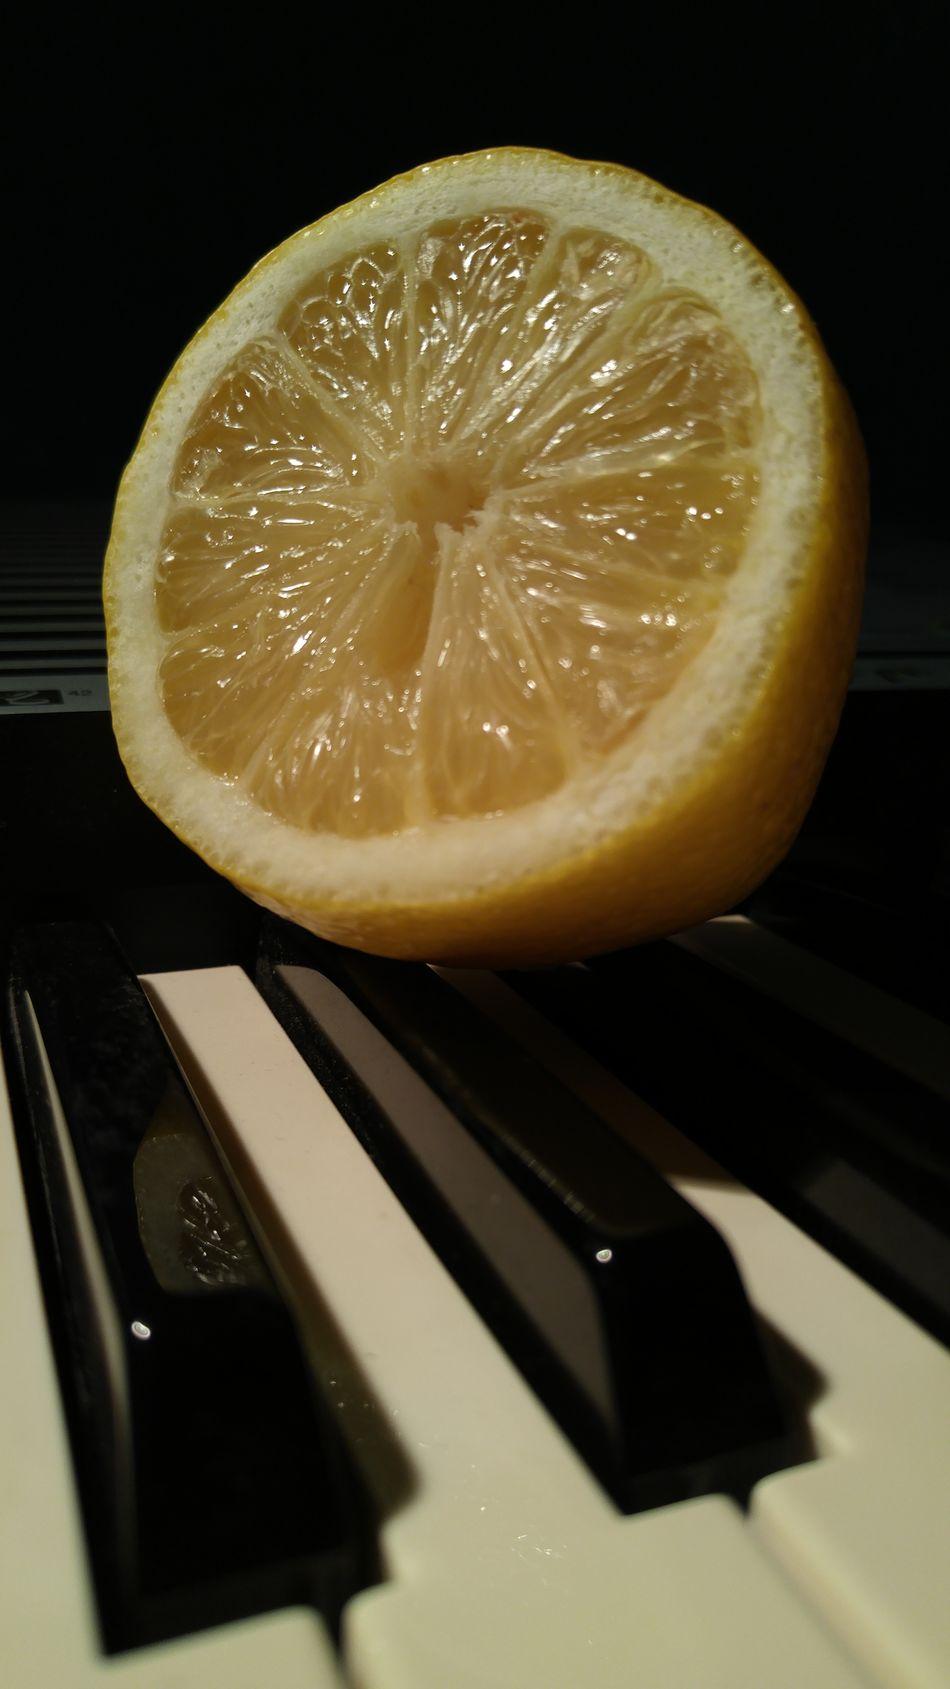 On a sour note. Sliced lemon higjlighted on piano keys. Fruit Citrus Fruit Lemon SLICE Freshness Healthy Eating Indoors  Food Close-up Black Background Sour Taste No People Food And Drink Yellow Piano Keys Yellow Blackandwhite Sliced Lemon Rind Juicy Citrus Fruit